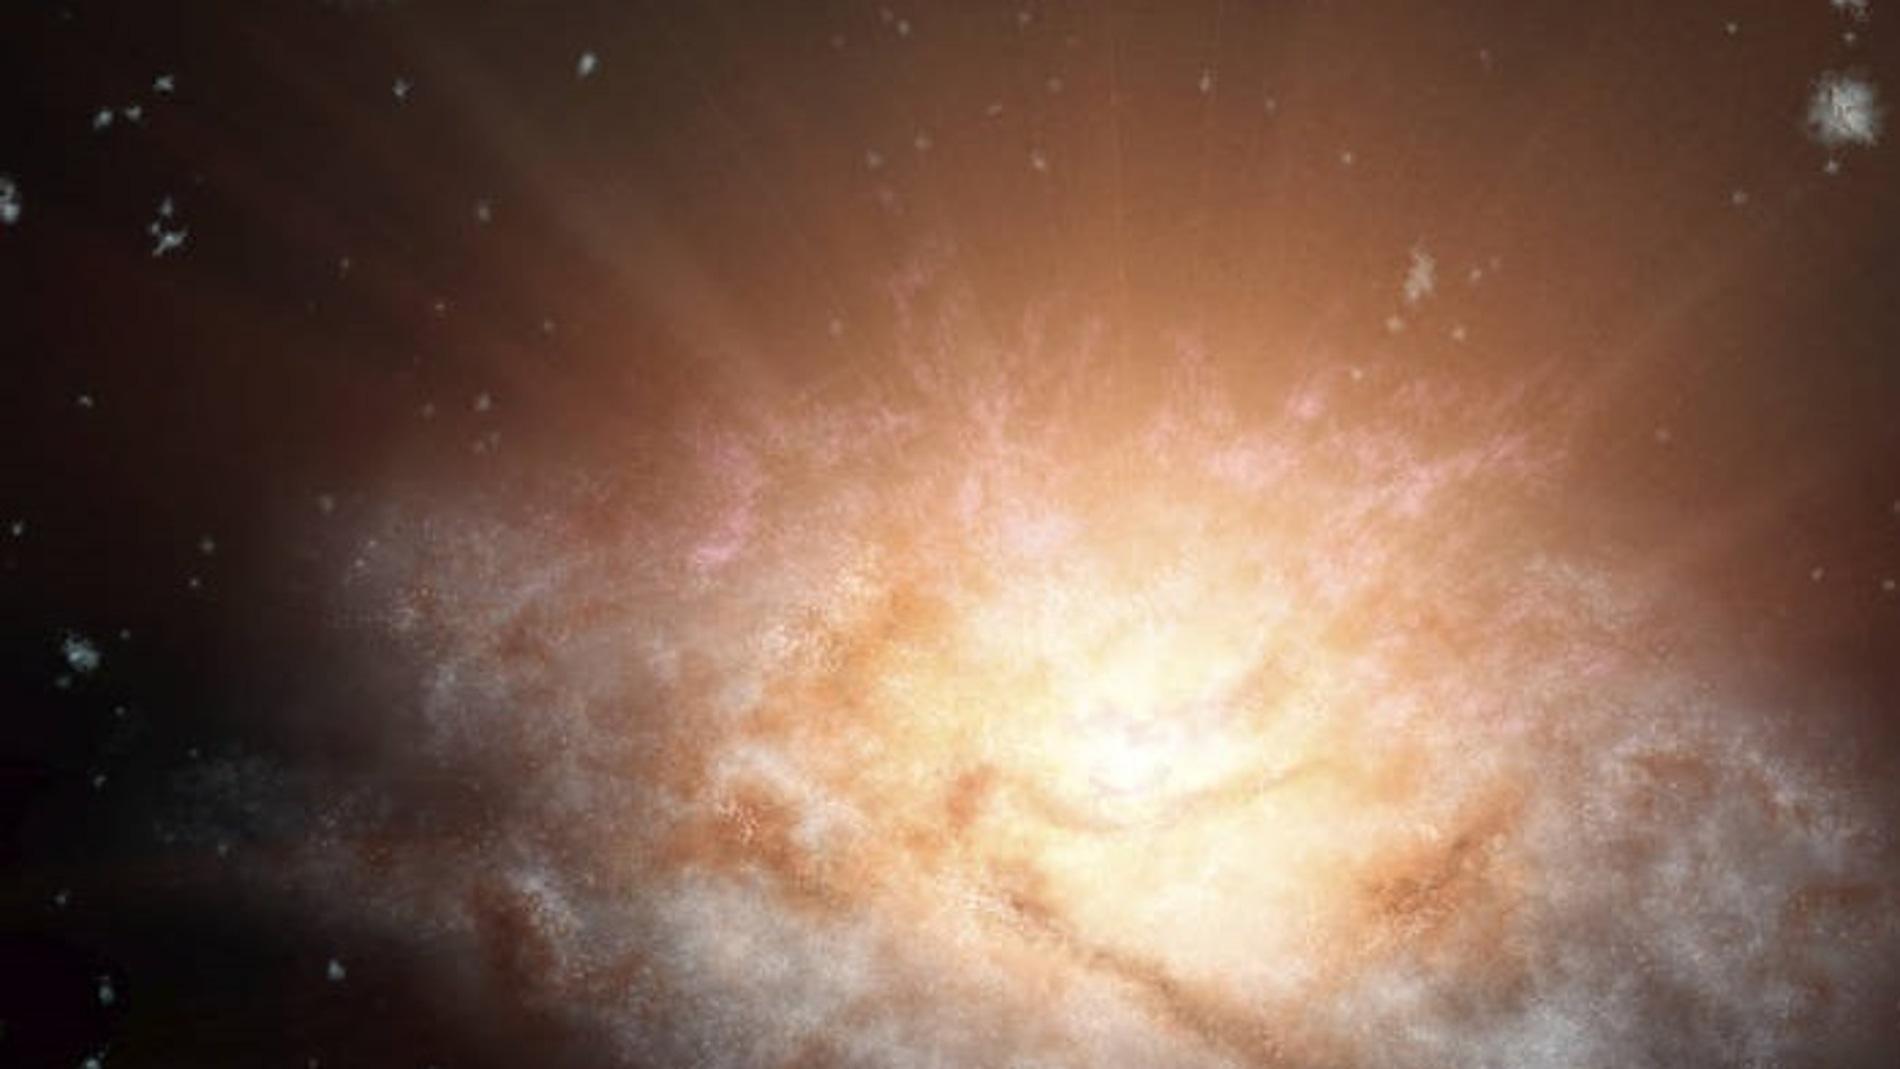 Representación artística de la galaxia WISE J224607.57-052635.0